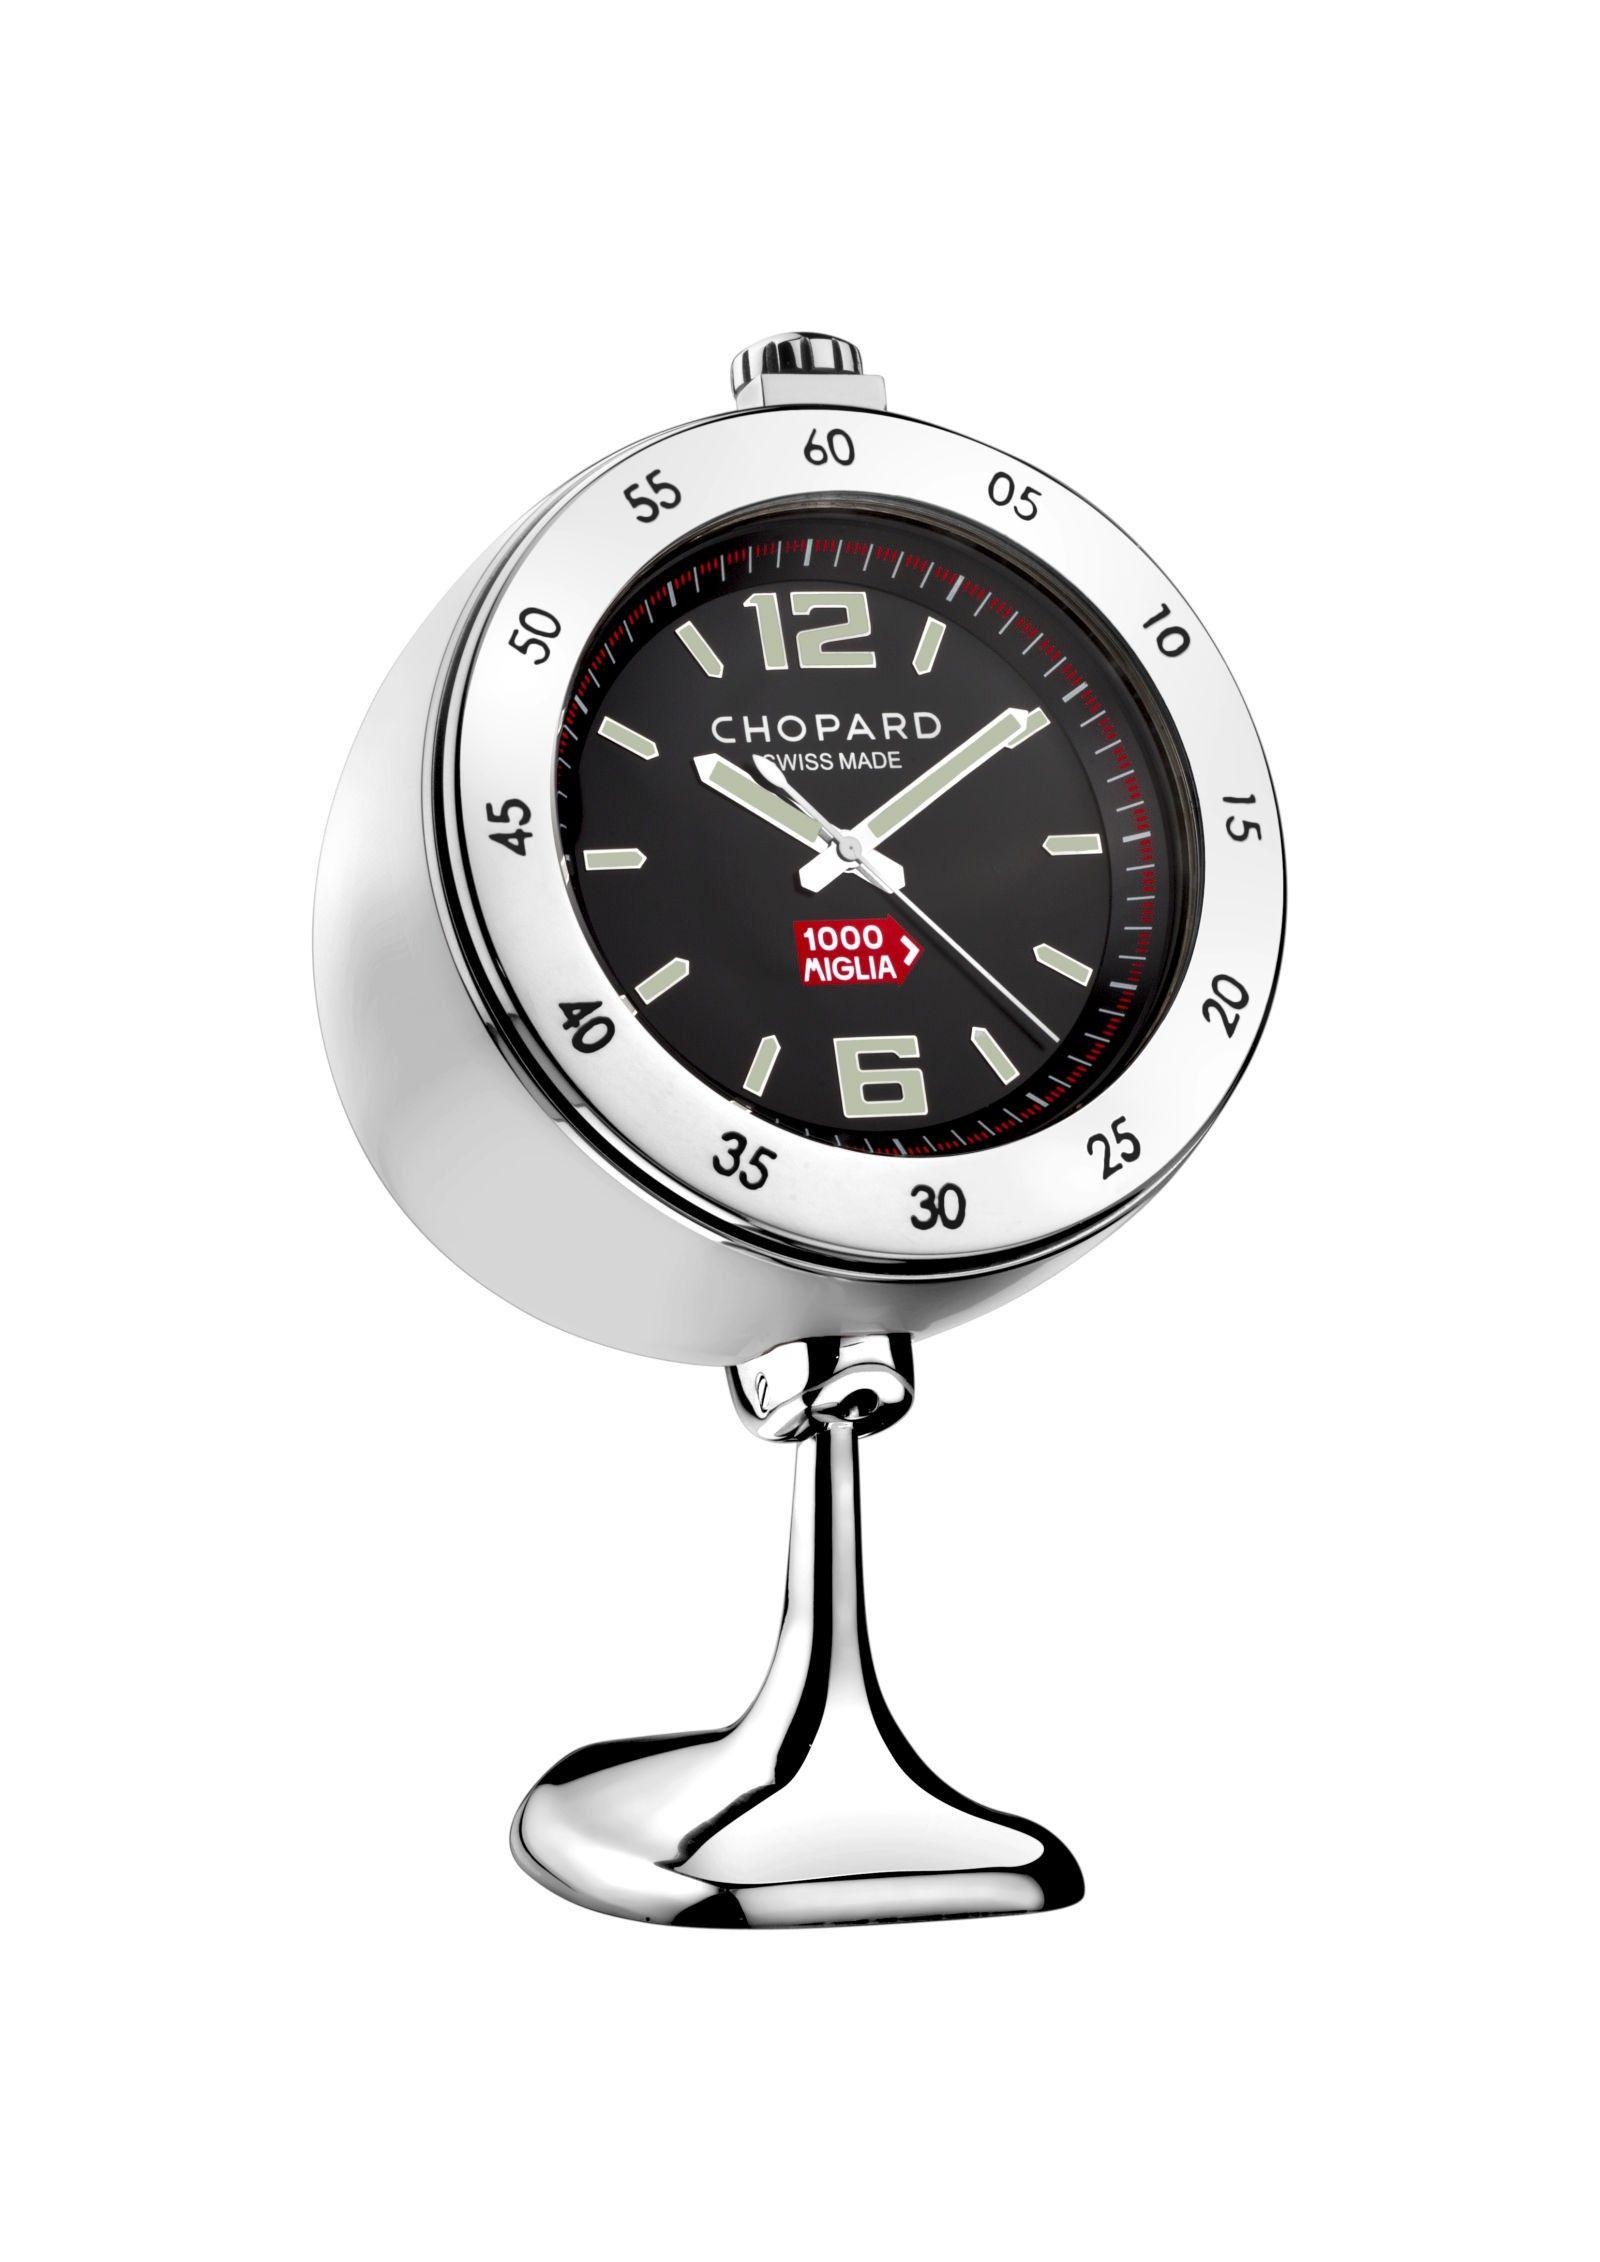 Vintage Racing Table Clock Clock Vintage Racing Steel